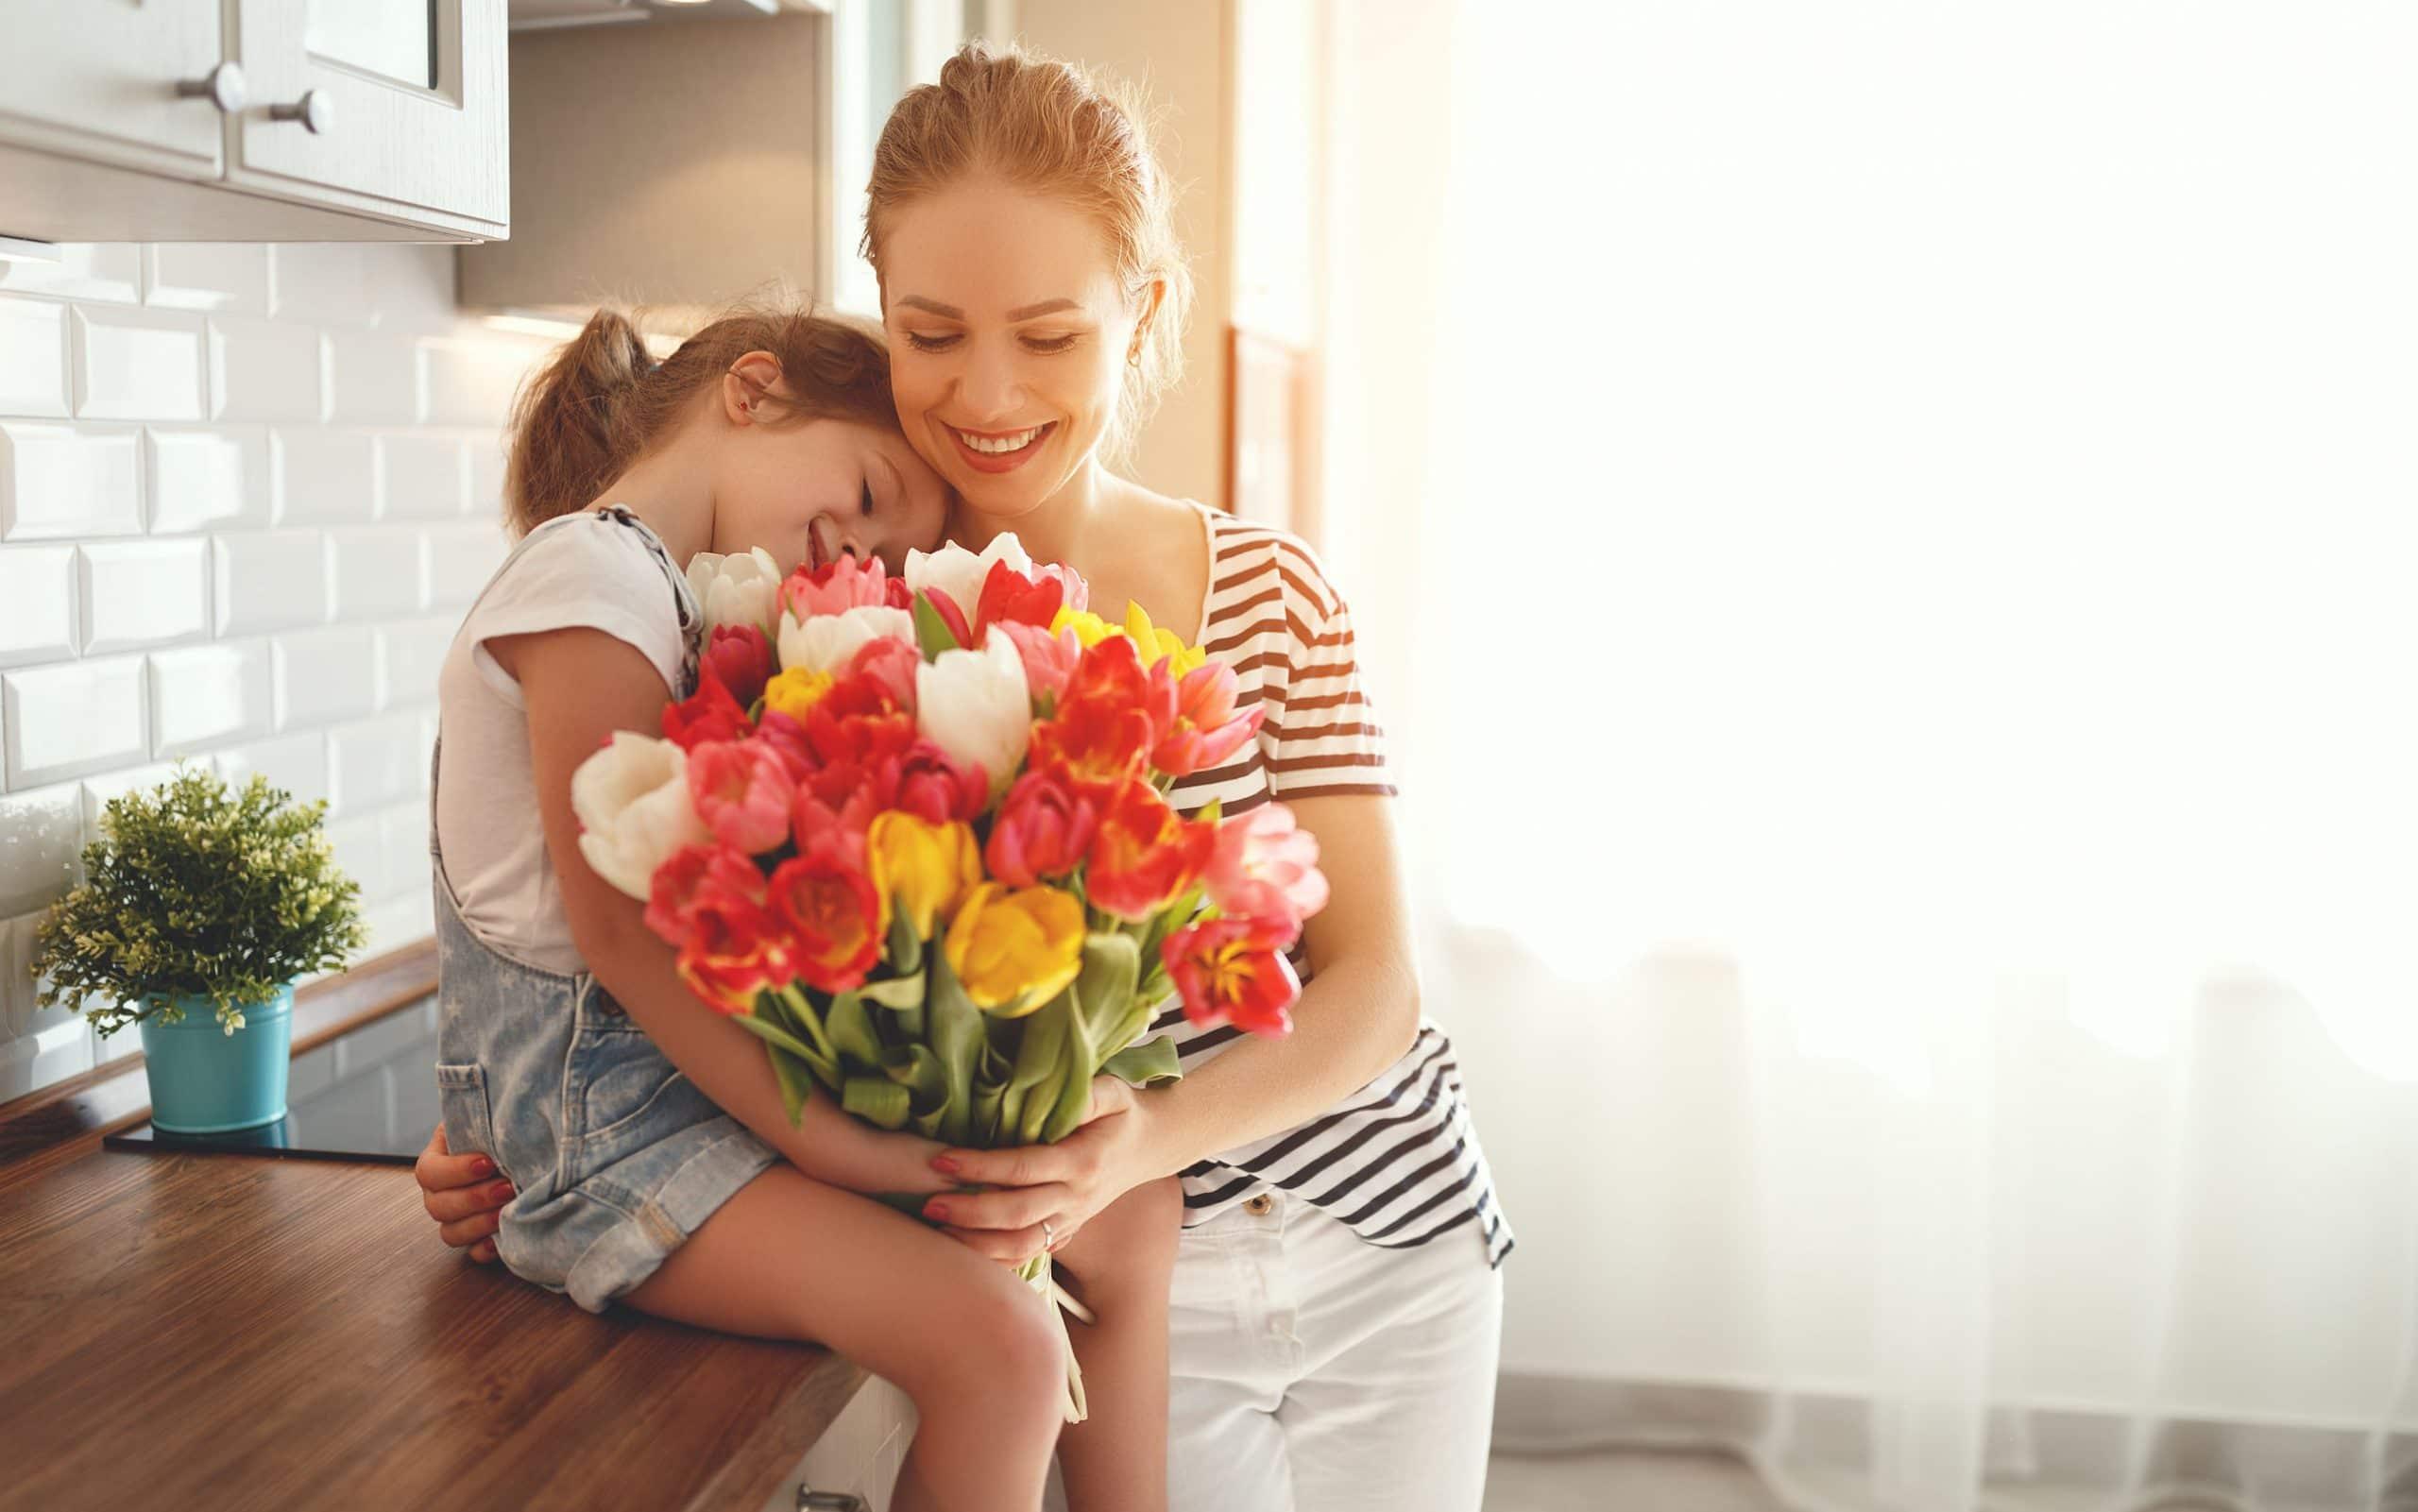 Mãe e filha segurando um buquê de flores.